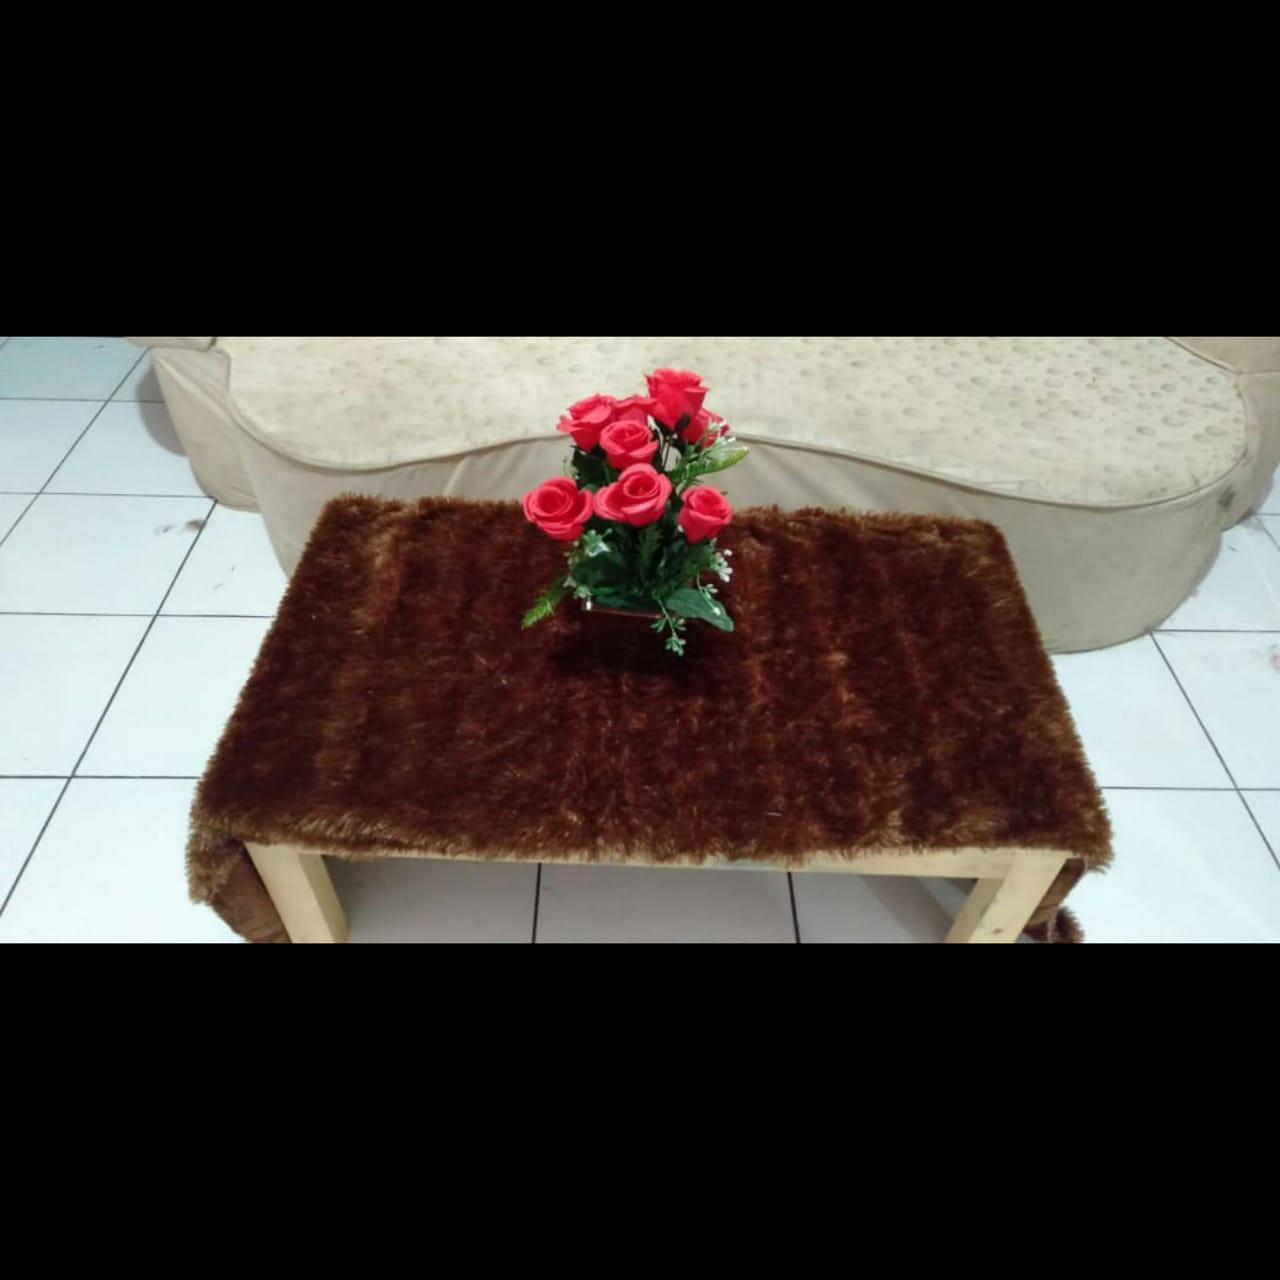 Taplak Meja Uk 50x150cm Bahan Halus Dan Lembut